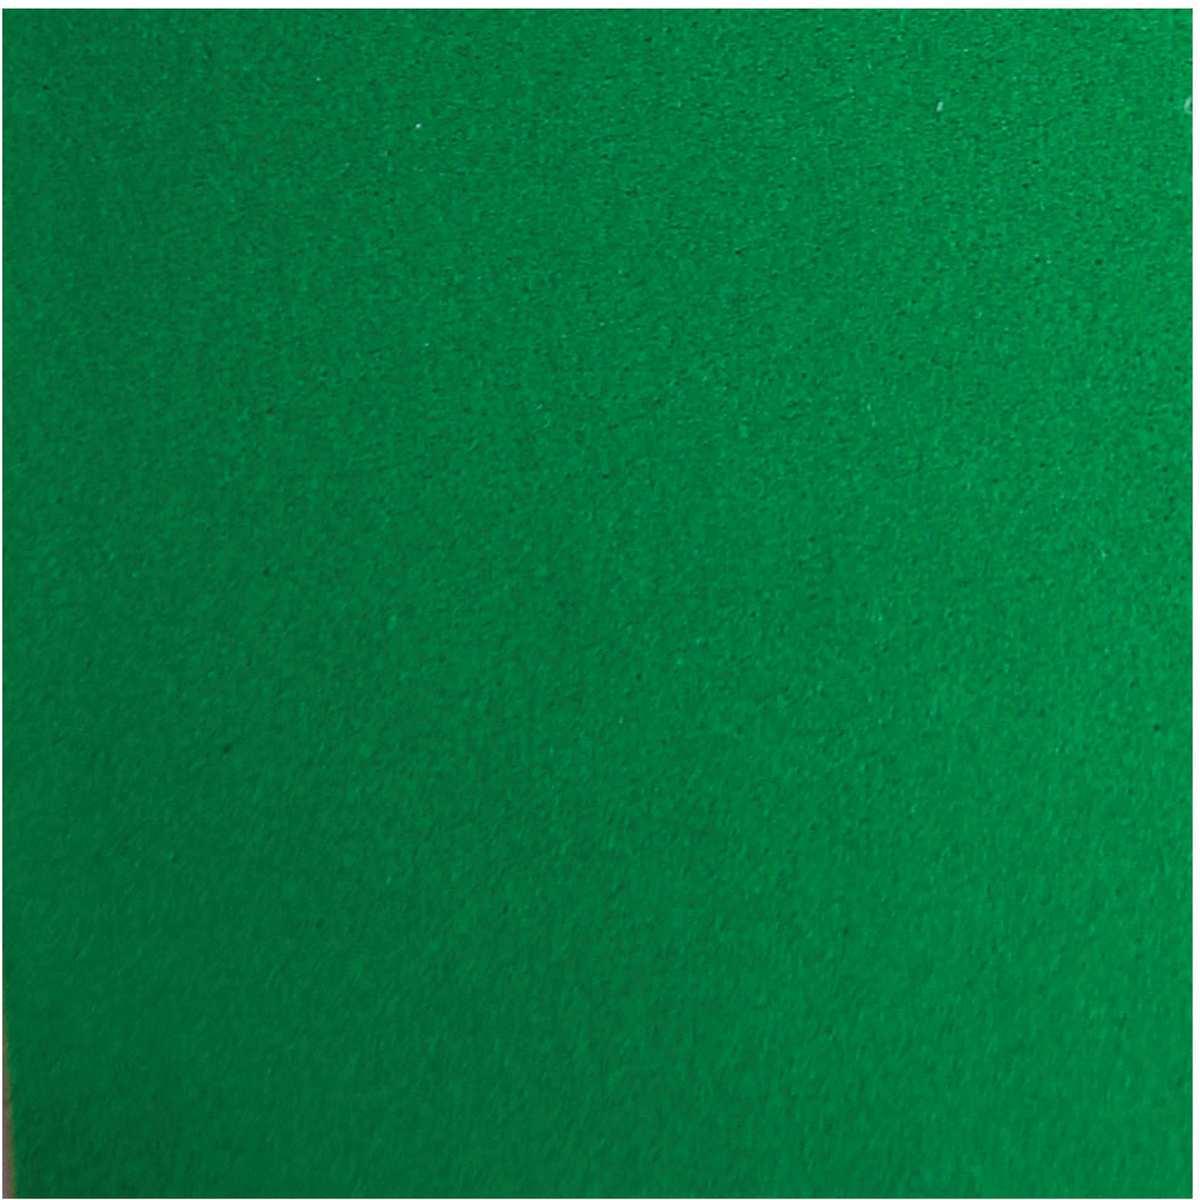 Placa em EVA | 60x40cm Verde Escuro 1,6mm | Pct c/10 | Make+